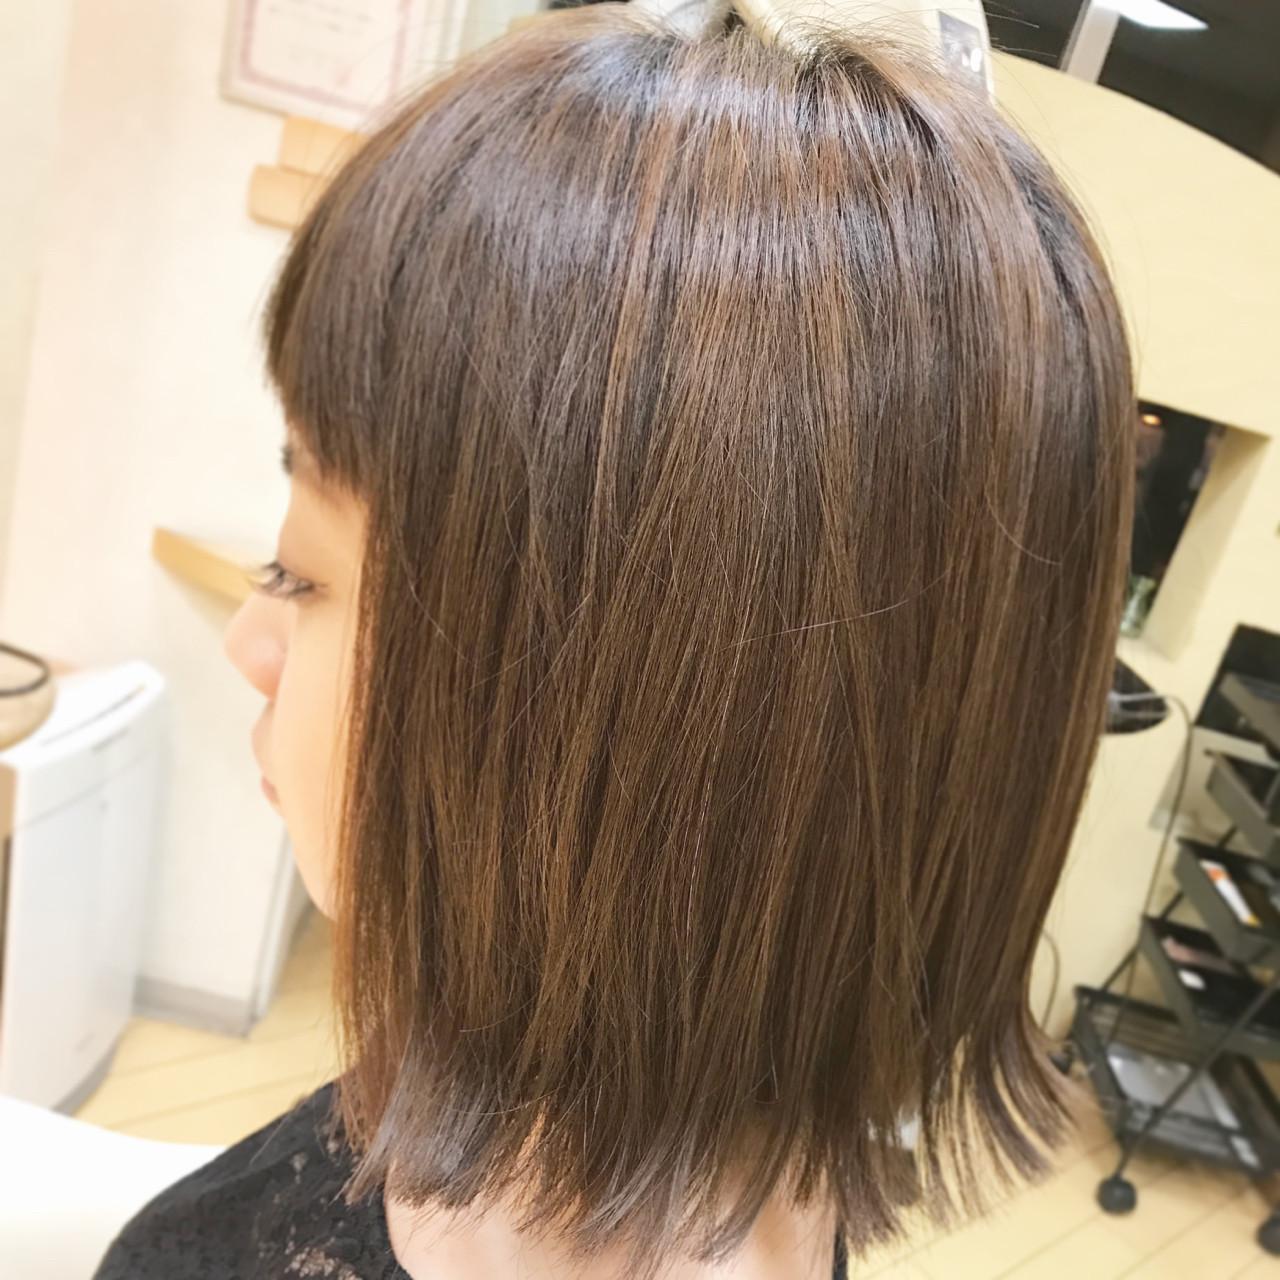 ブルーアッシュ 秋 ナチュラル ボブ ヘアスタイルや髪型の写真・画像